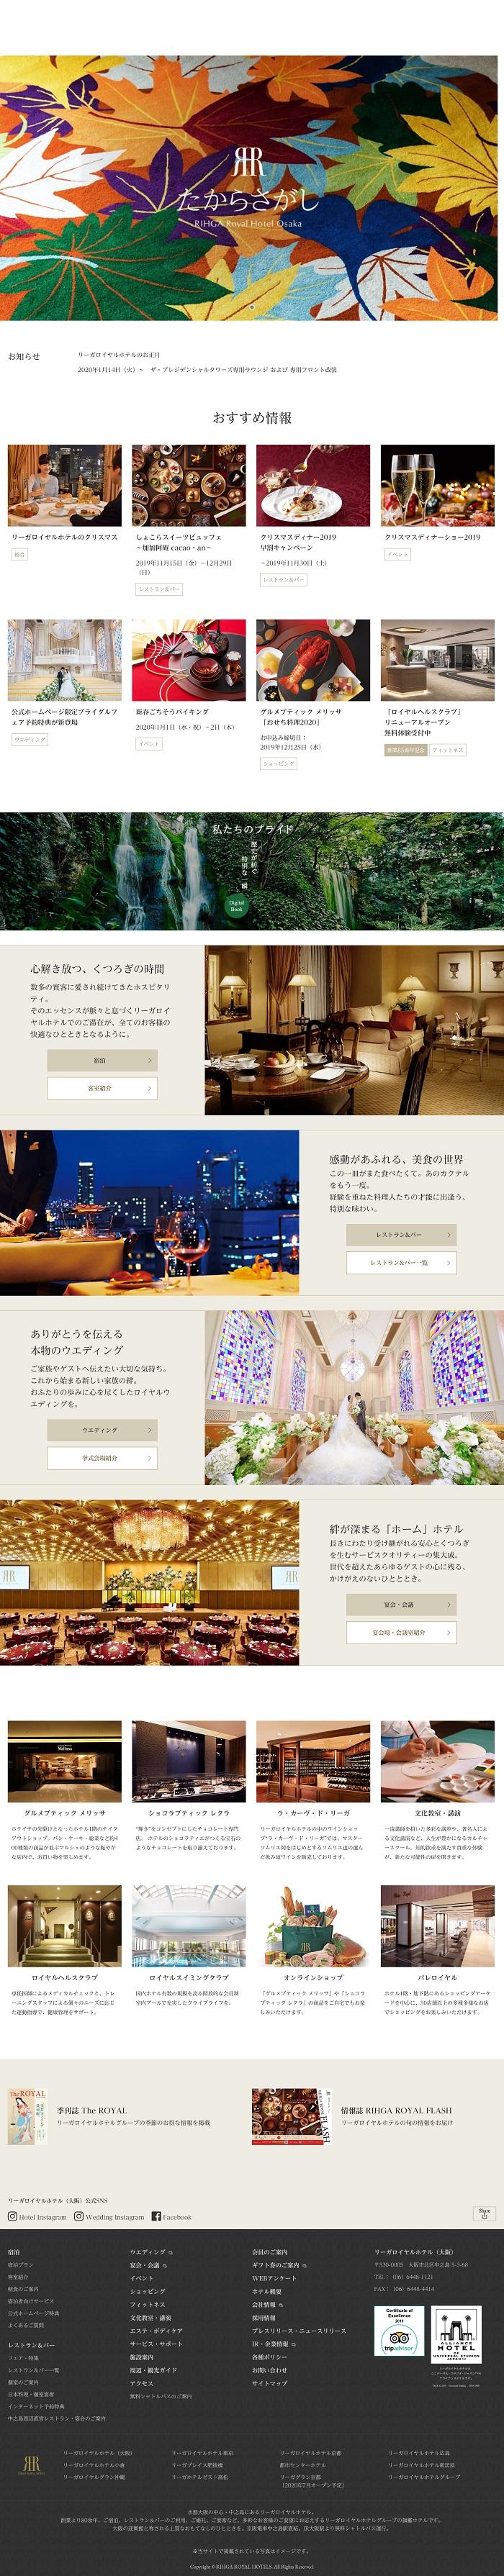 リーガロイヤルホテル(大阪) - 公式サイト